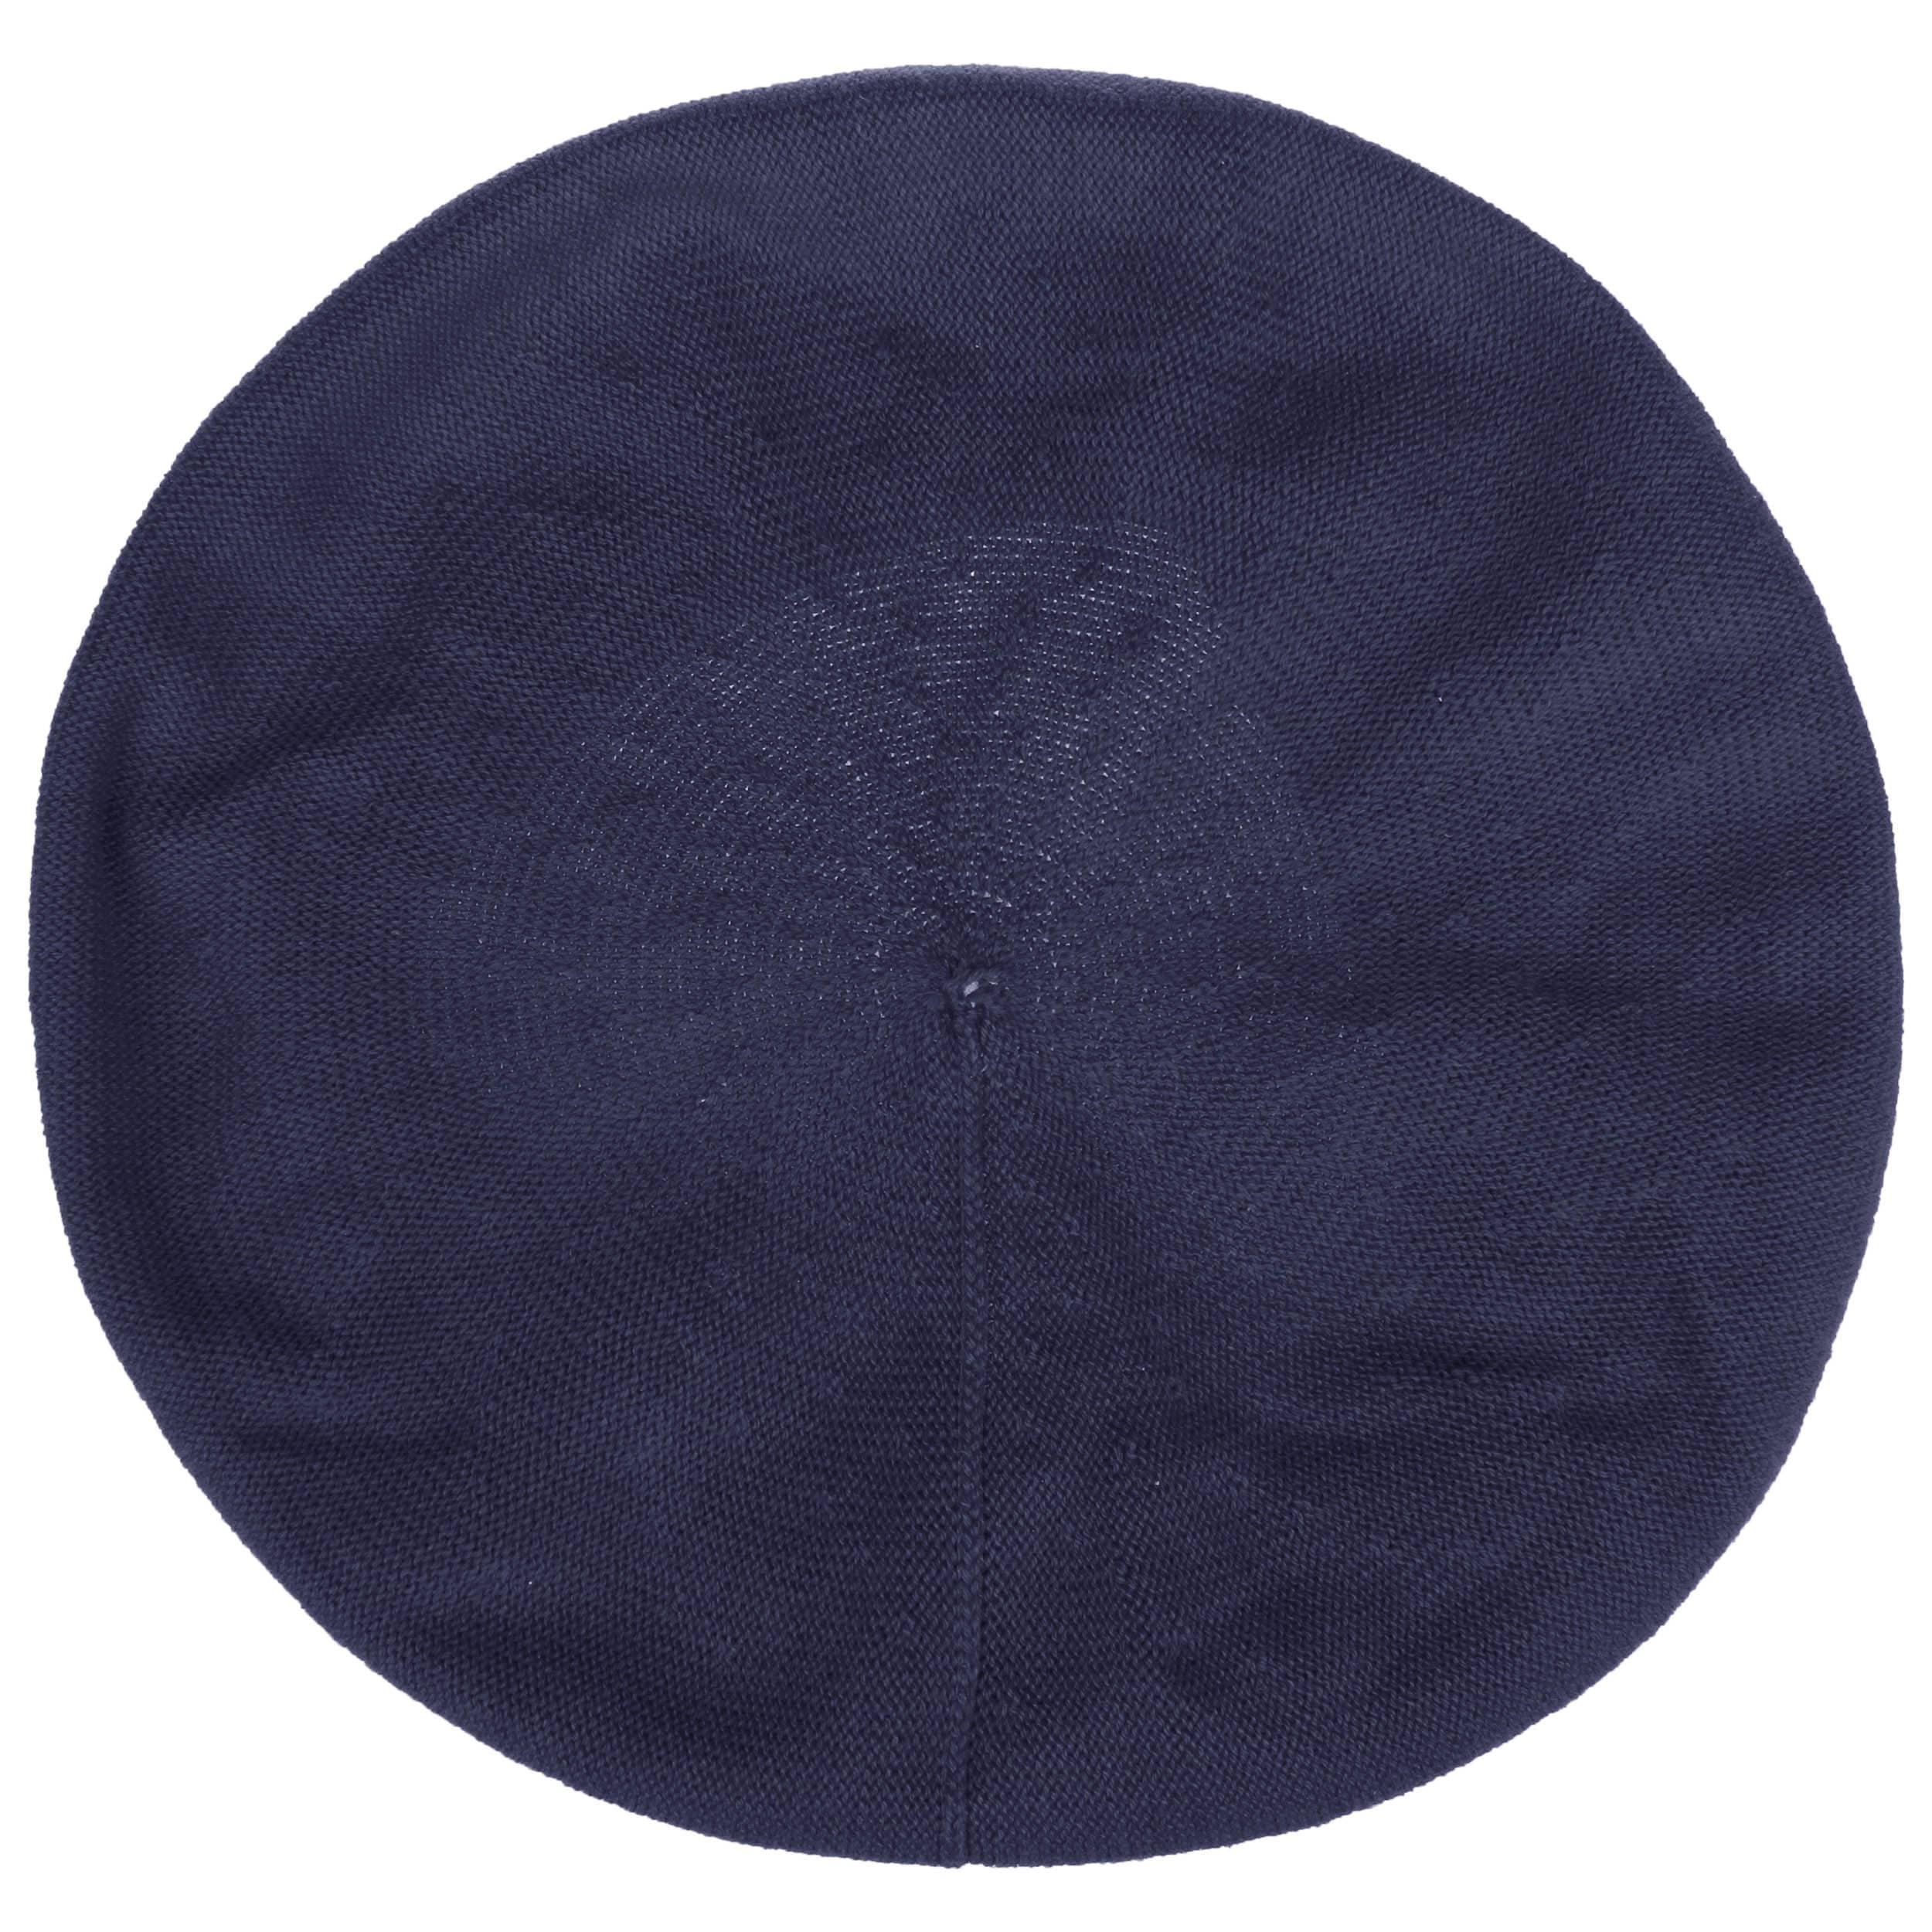 ... Basco in Cotone Belza by Héritage par Laulhère - blu scuro 1 ... 78ff3d14eefc